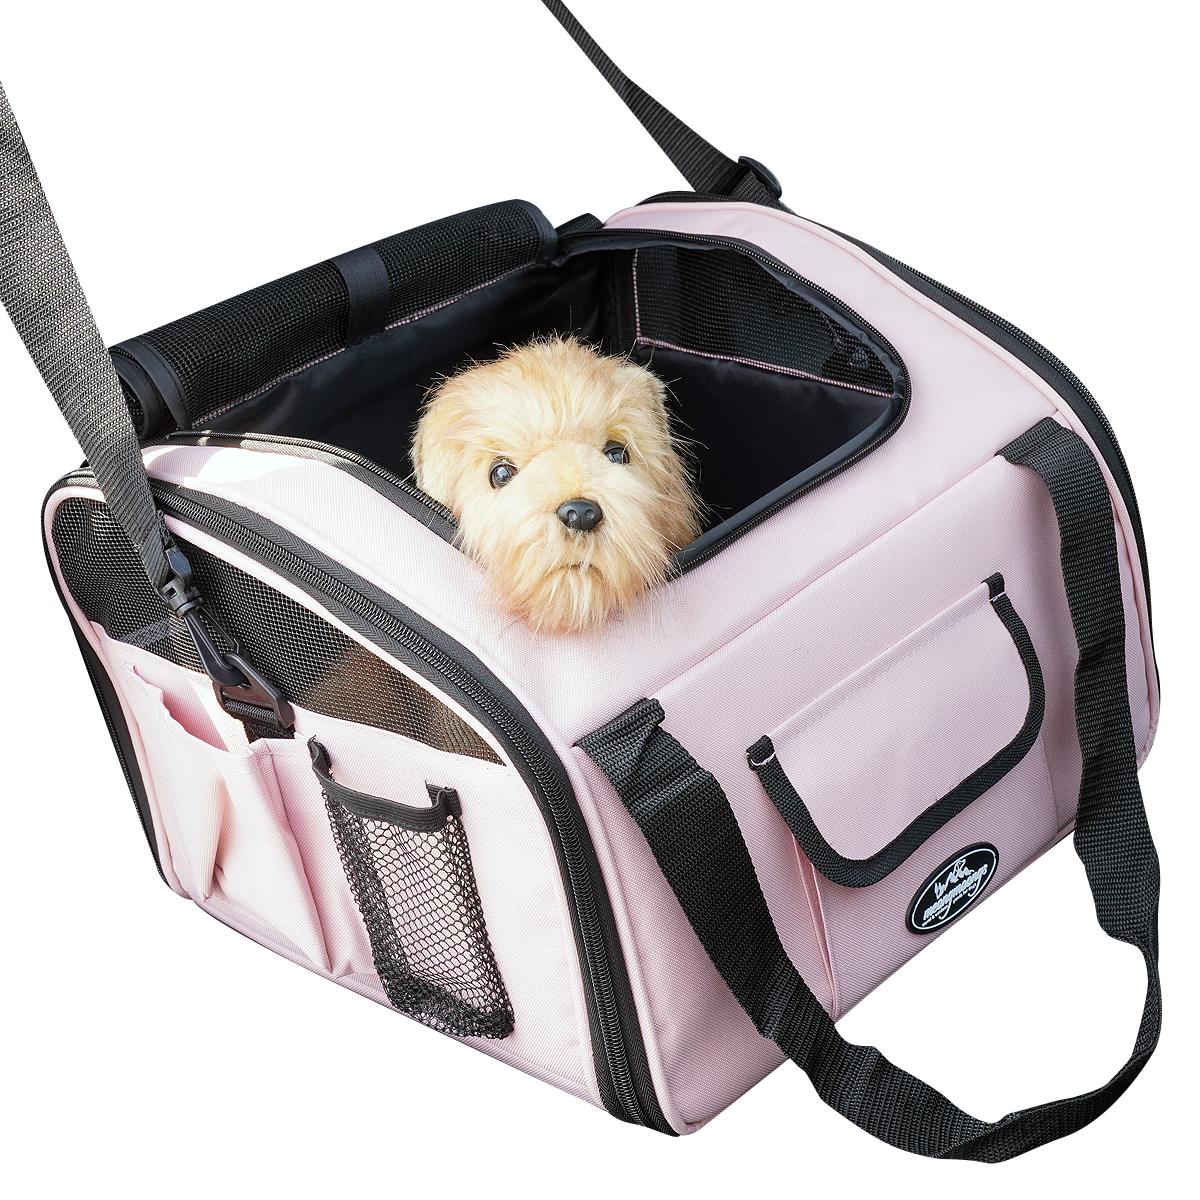 멍뭉스 자동차용 반려동물 카시트 겸용 수납가방, 핑크